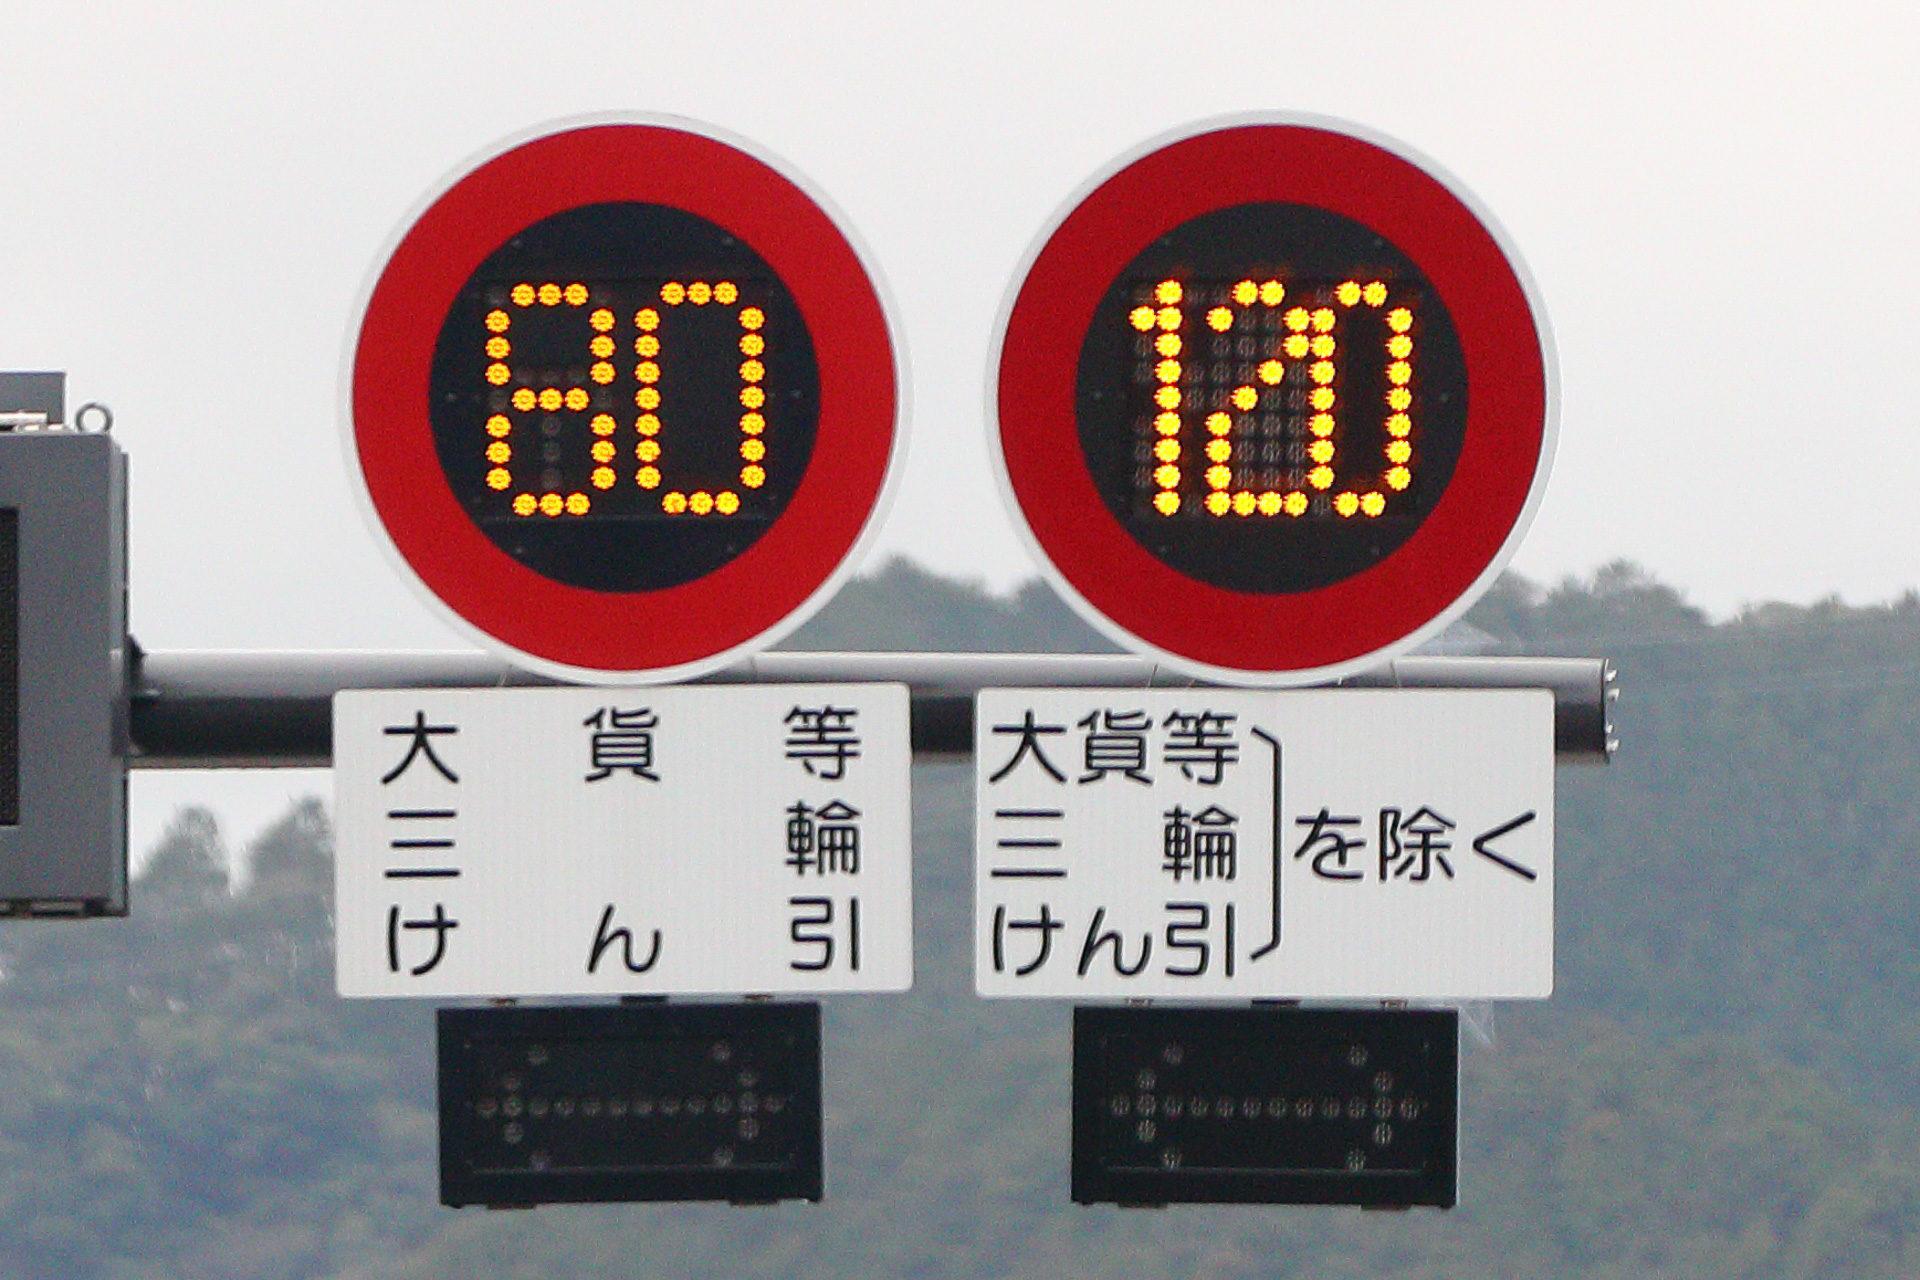 高速道路の一部の区間で最高速度の上限が120キロに変更